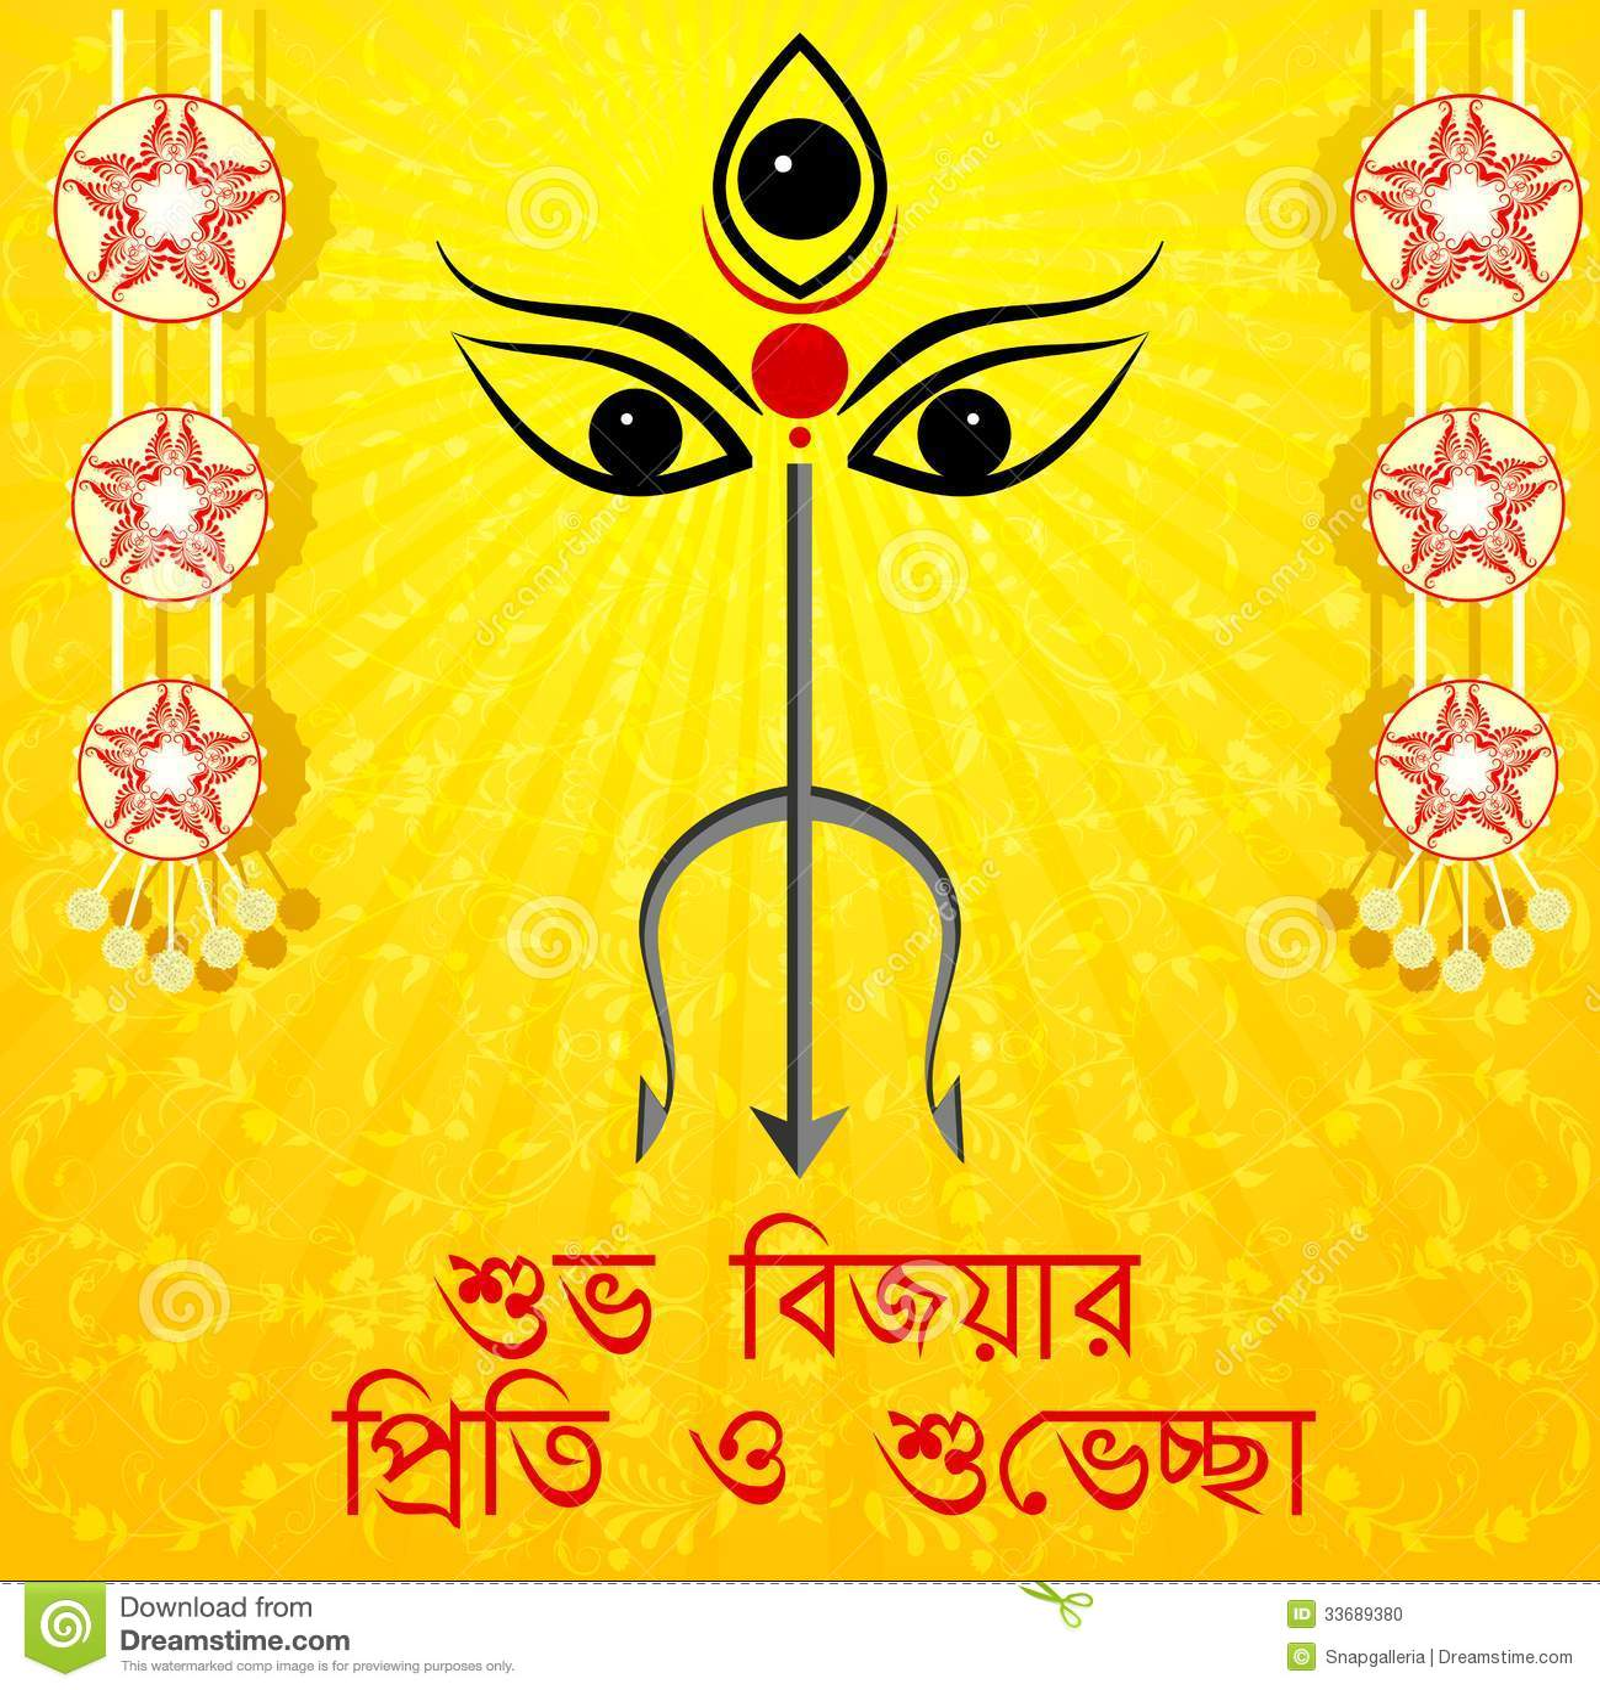 Happy Durga Puja Bijoya Dashami Stock Photo - Image: 33689380